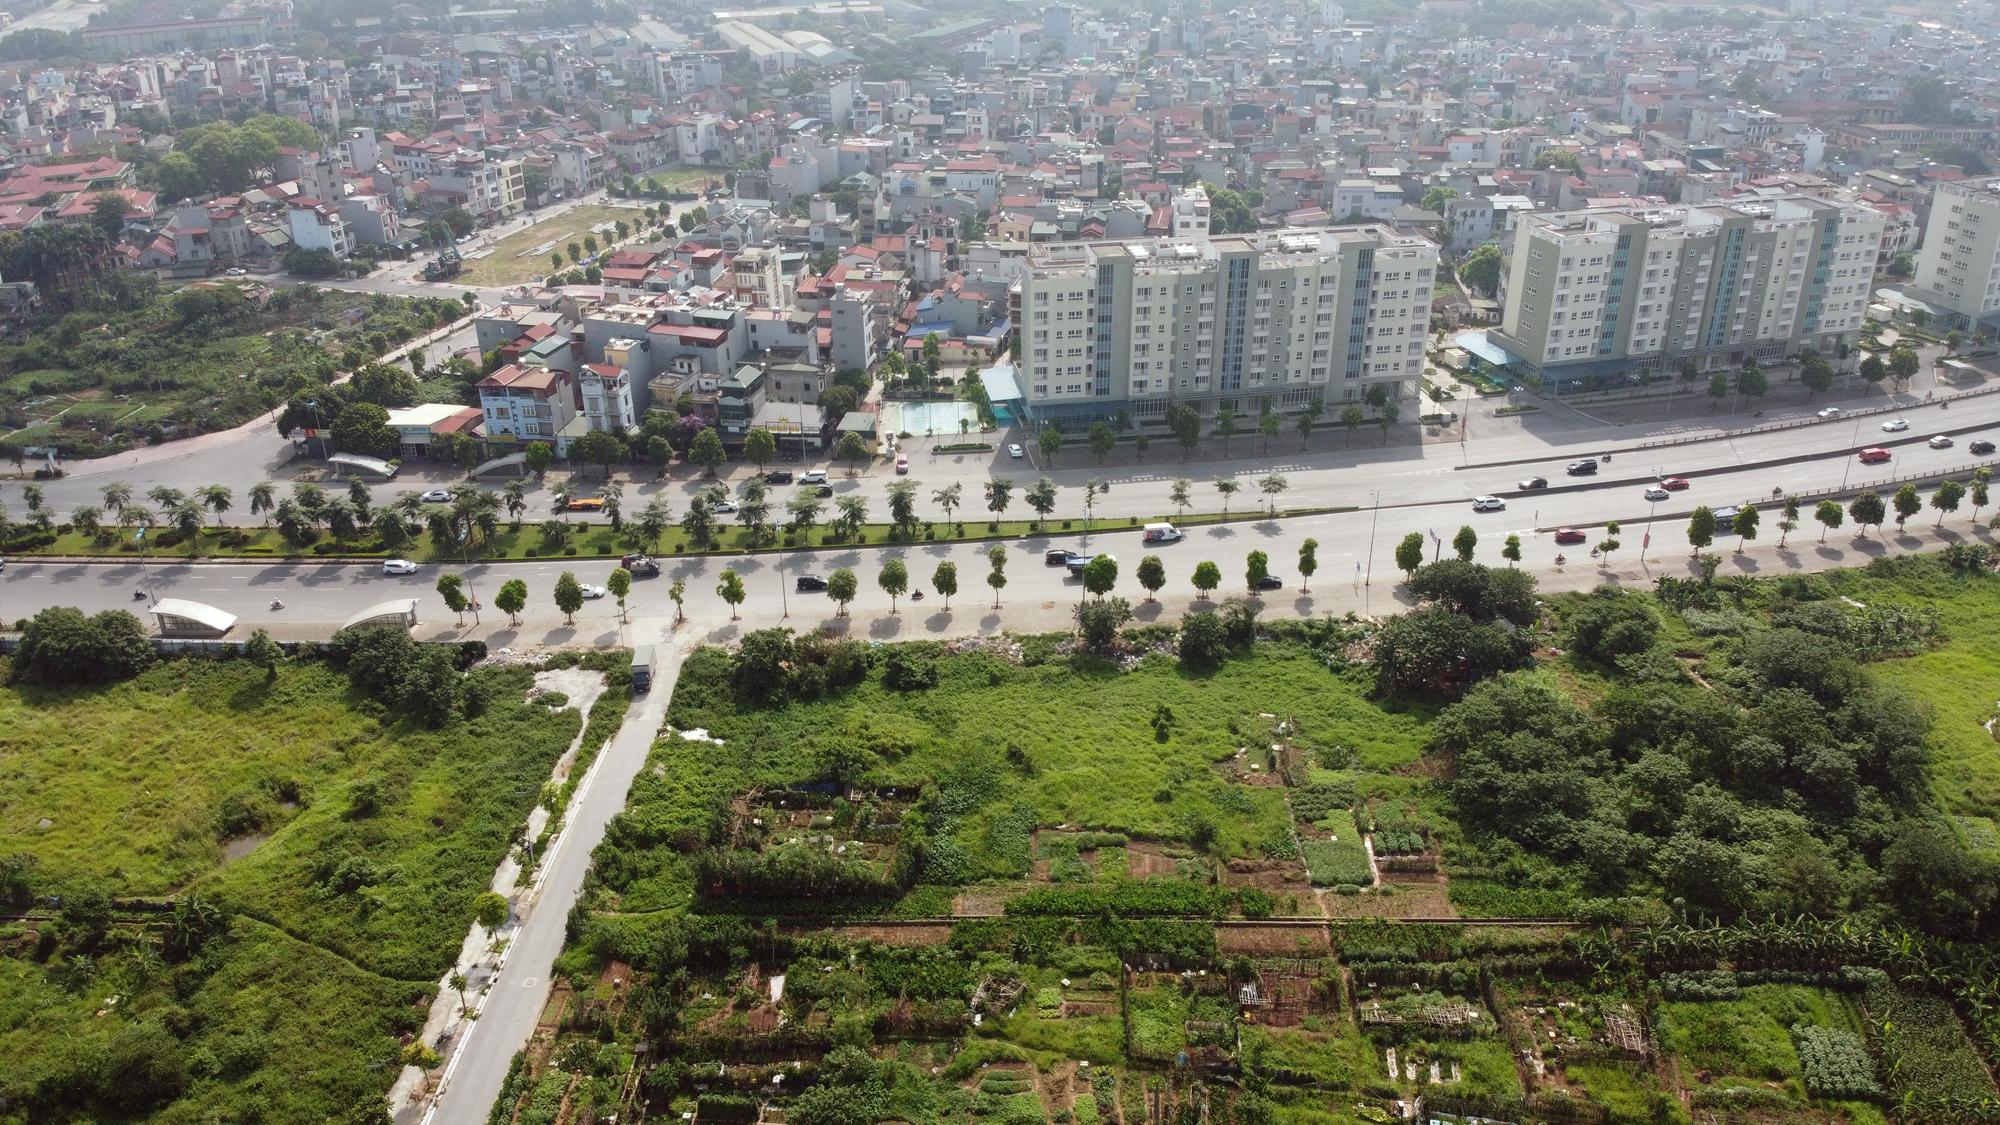 Những dự án chung cư gần các khu đất sẽ đào hồ lớn ở quận Long Biên - Ảnh 13.